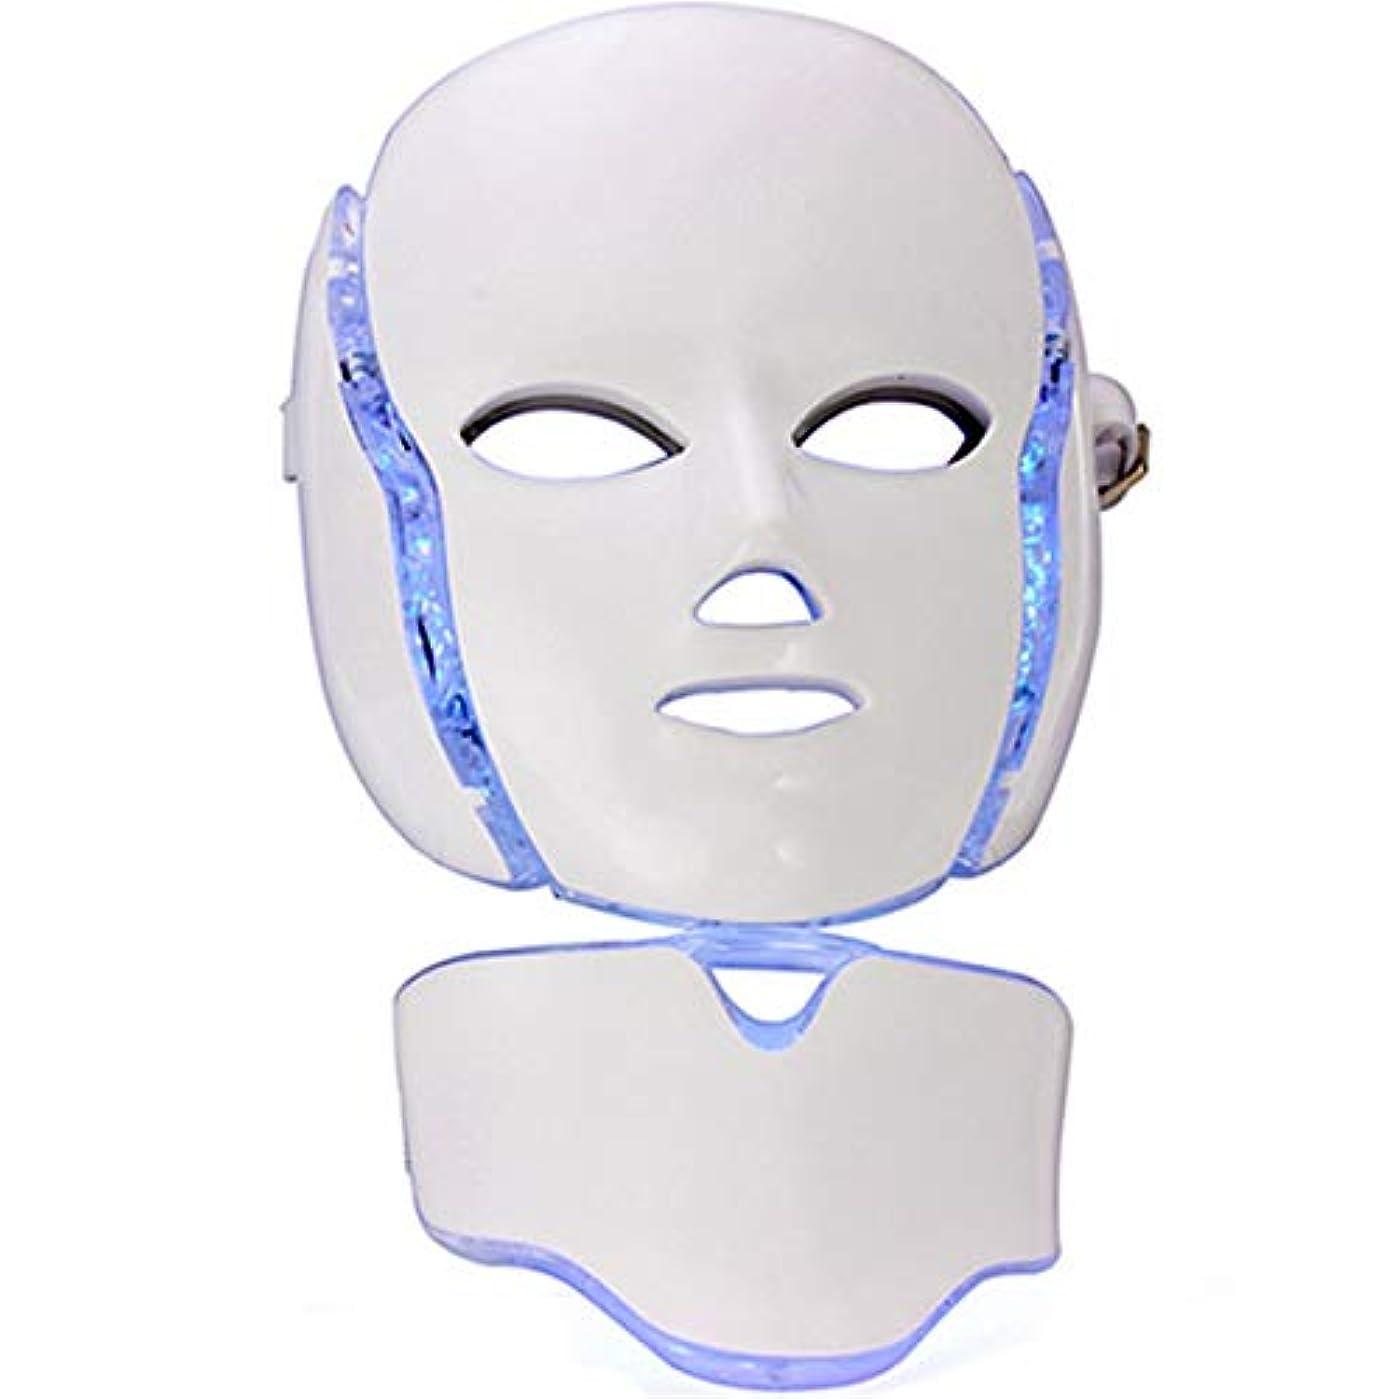 抑制する難破船細分化する光エステ LED美顔器 7色 美顔マスク 首ユニット付き たるみ ほうれい線 美肌 ニキビ対策 コラーゲン生成 美白 エイジングケア